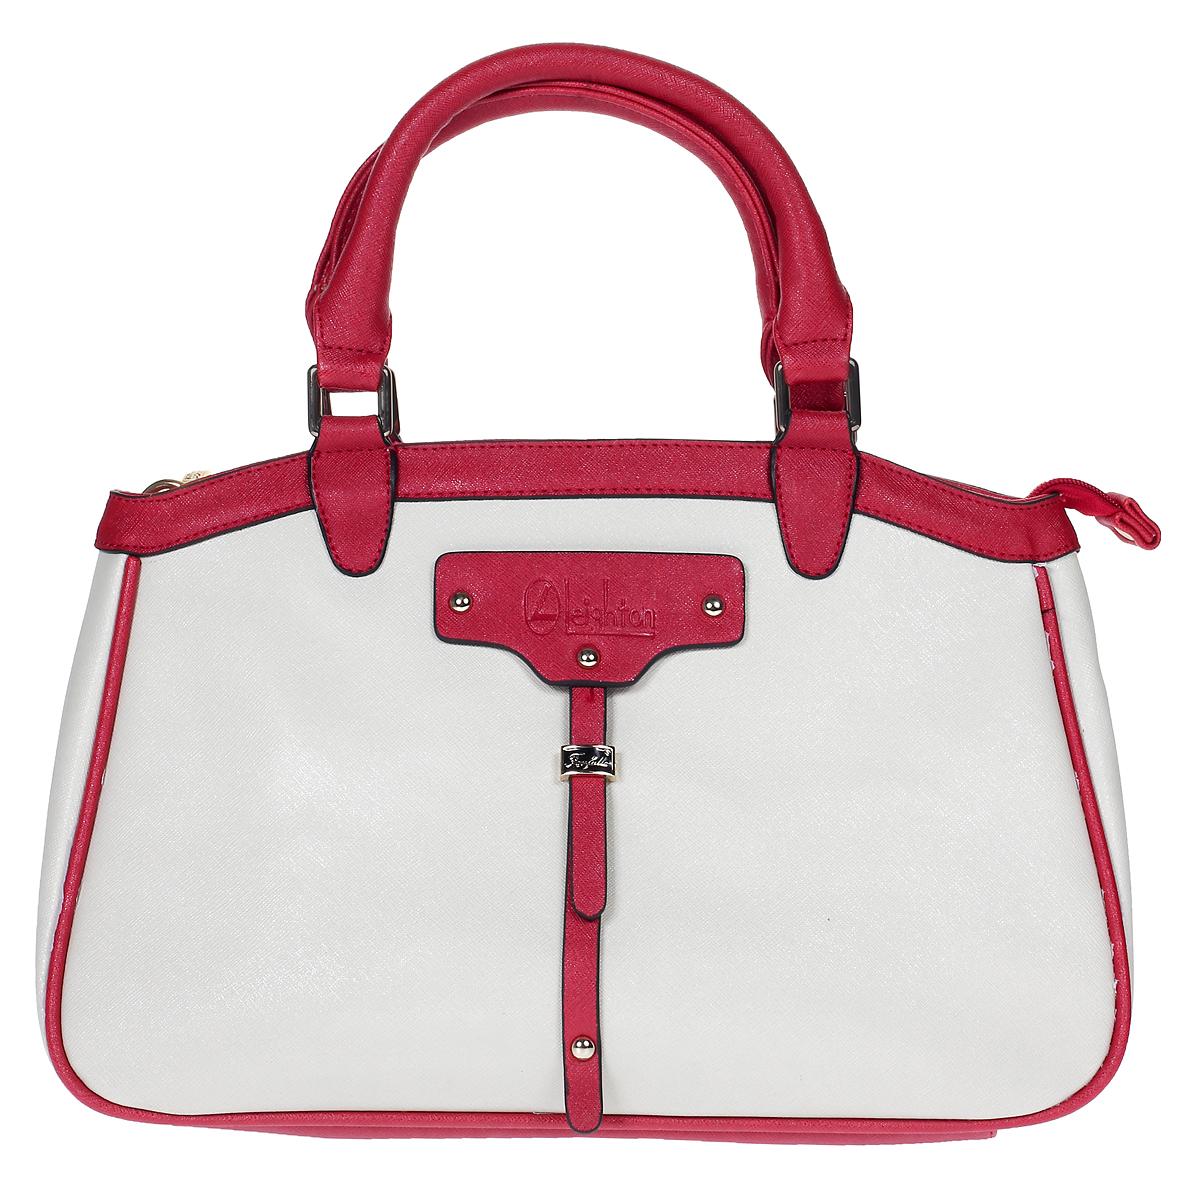 Сумка женская Leighton, цвет: молочный, красный. 580241-3769 ( 580241-3769/23/3769/16 бе )